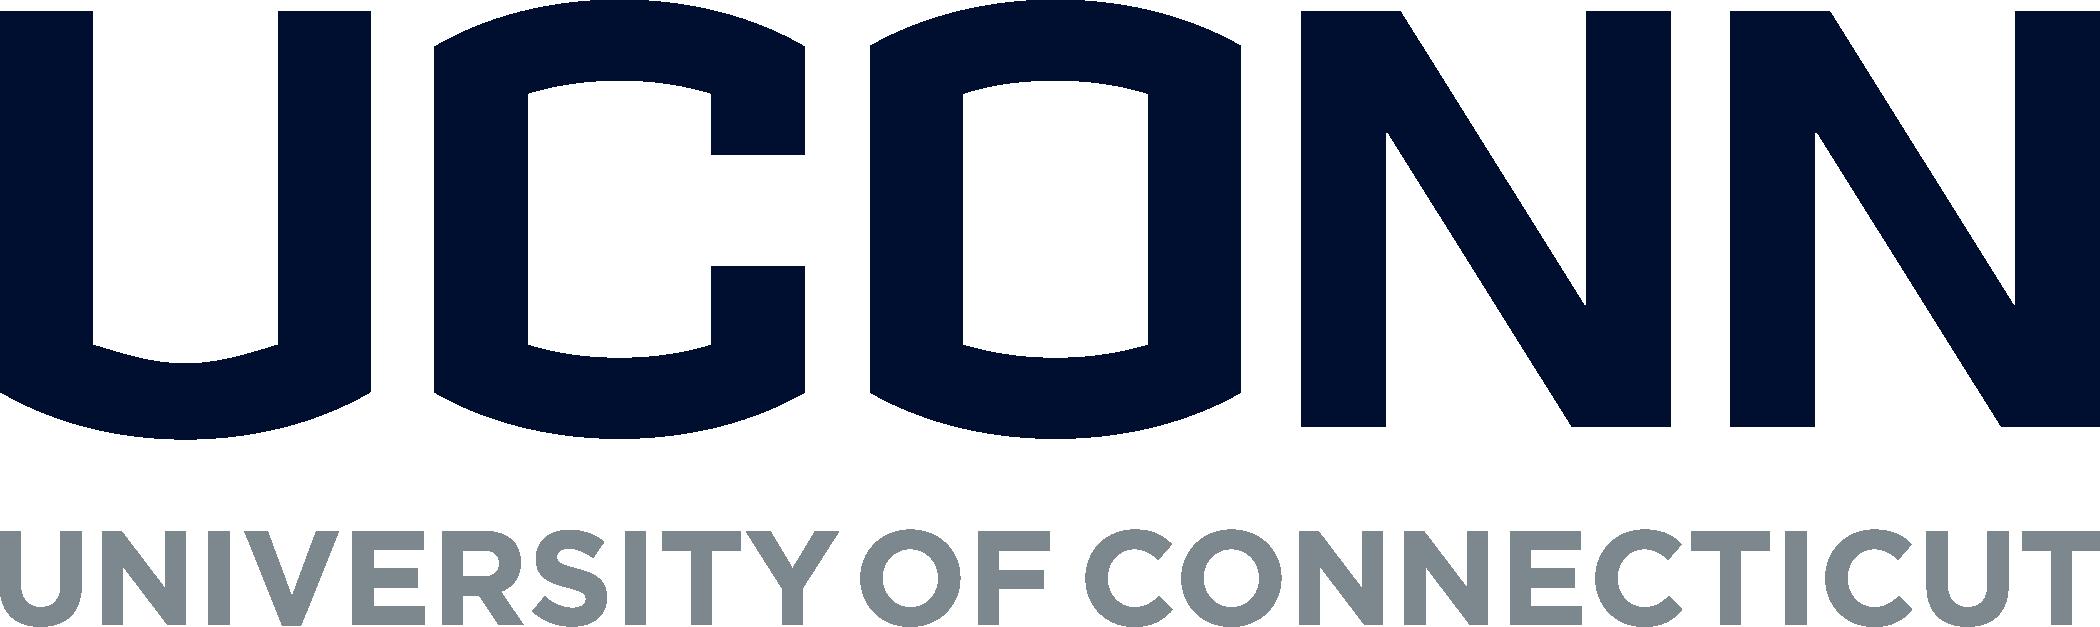 Uconn Logo Big XII Expansion: The...